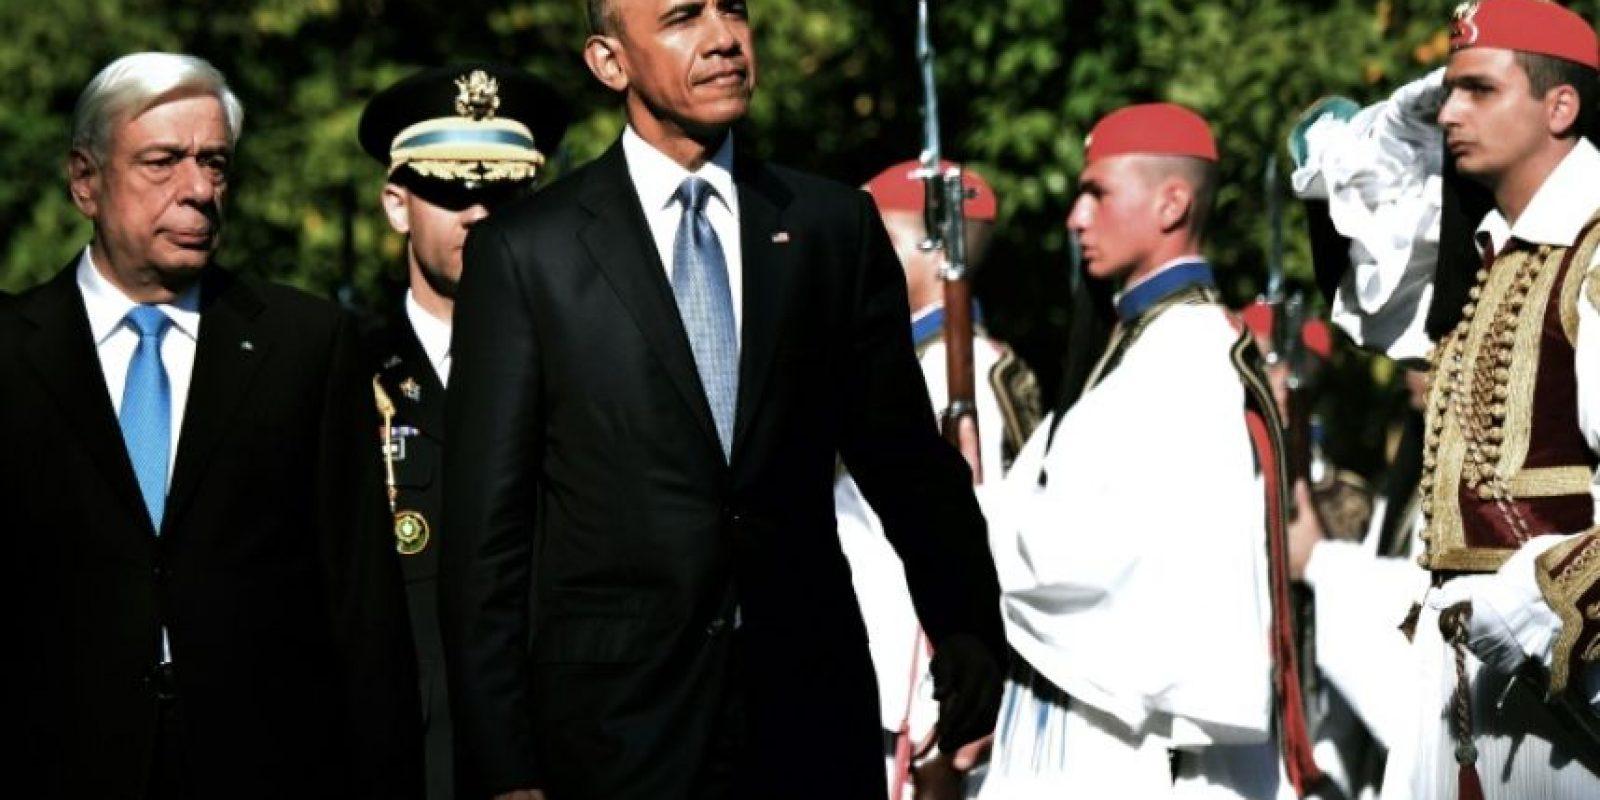 Los presidentes estadounidense, Barack Obama, y griego, Prokopis Pavlopoulos (i), pasan revista a la guardia de honor el 15 de noviembre de 2016 en Atenas Foto:Louisa Gouliamaki/afp.com